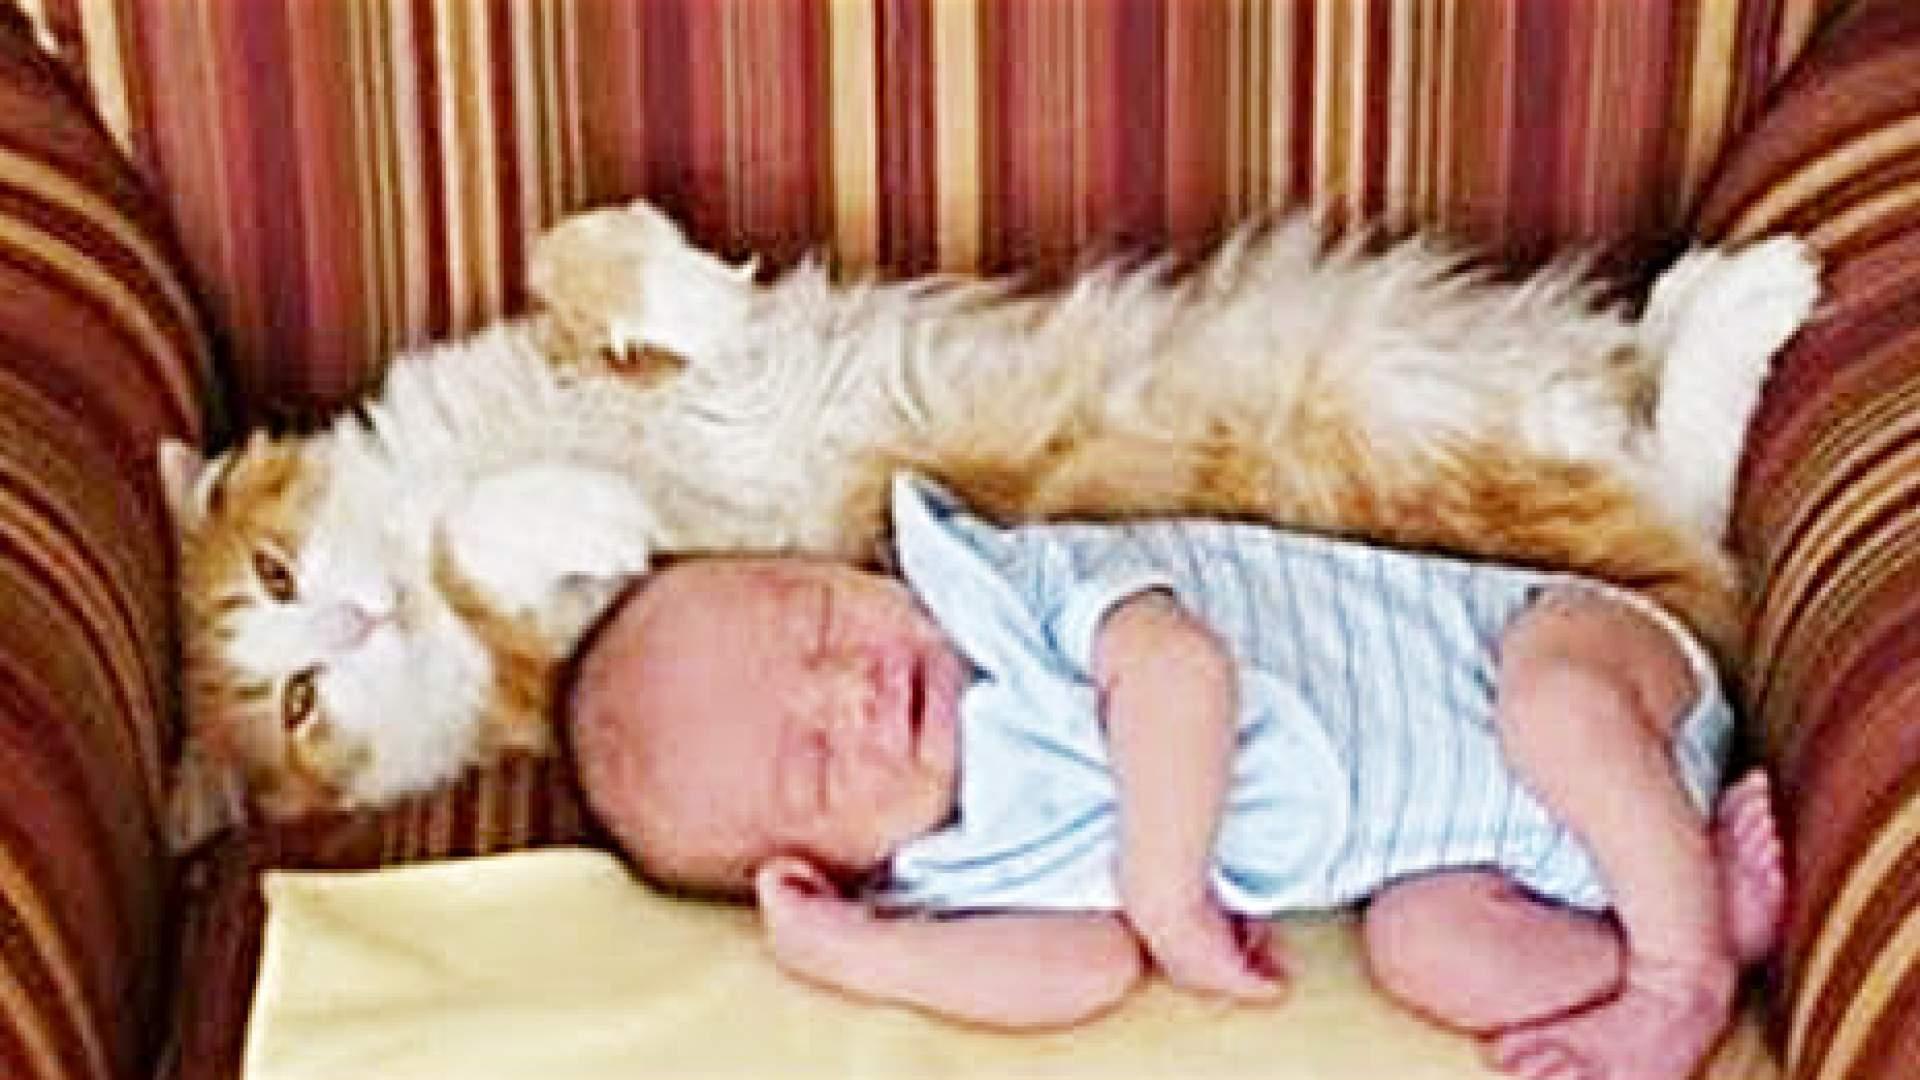 VIDEO: Wenn Katzen zum ersten Mal auf neugeborene Babys treffen - Lustig und süß!